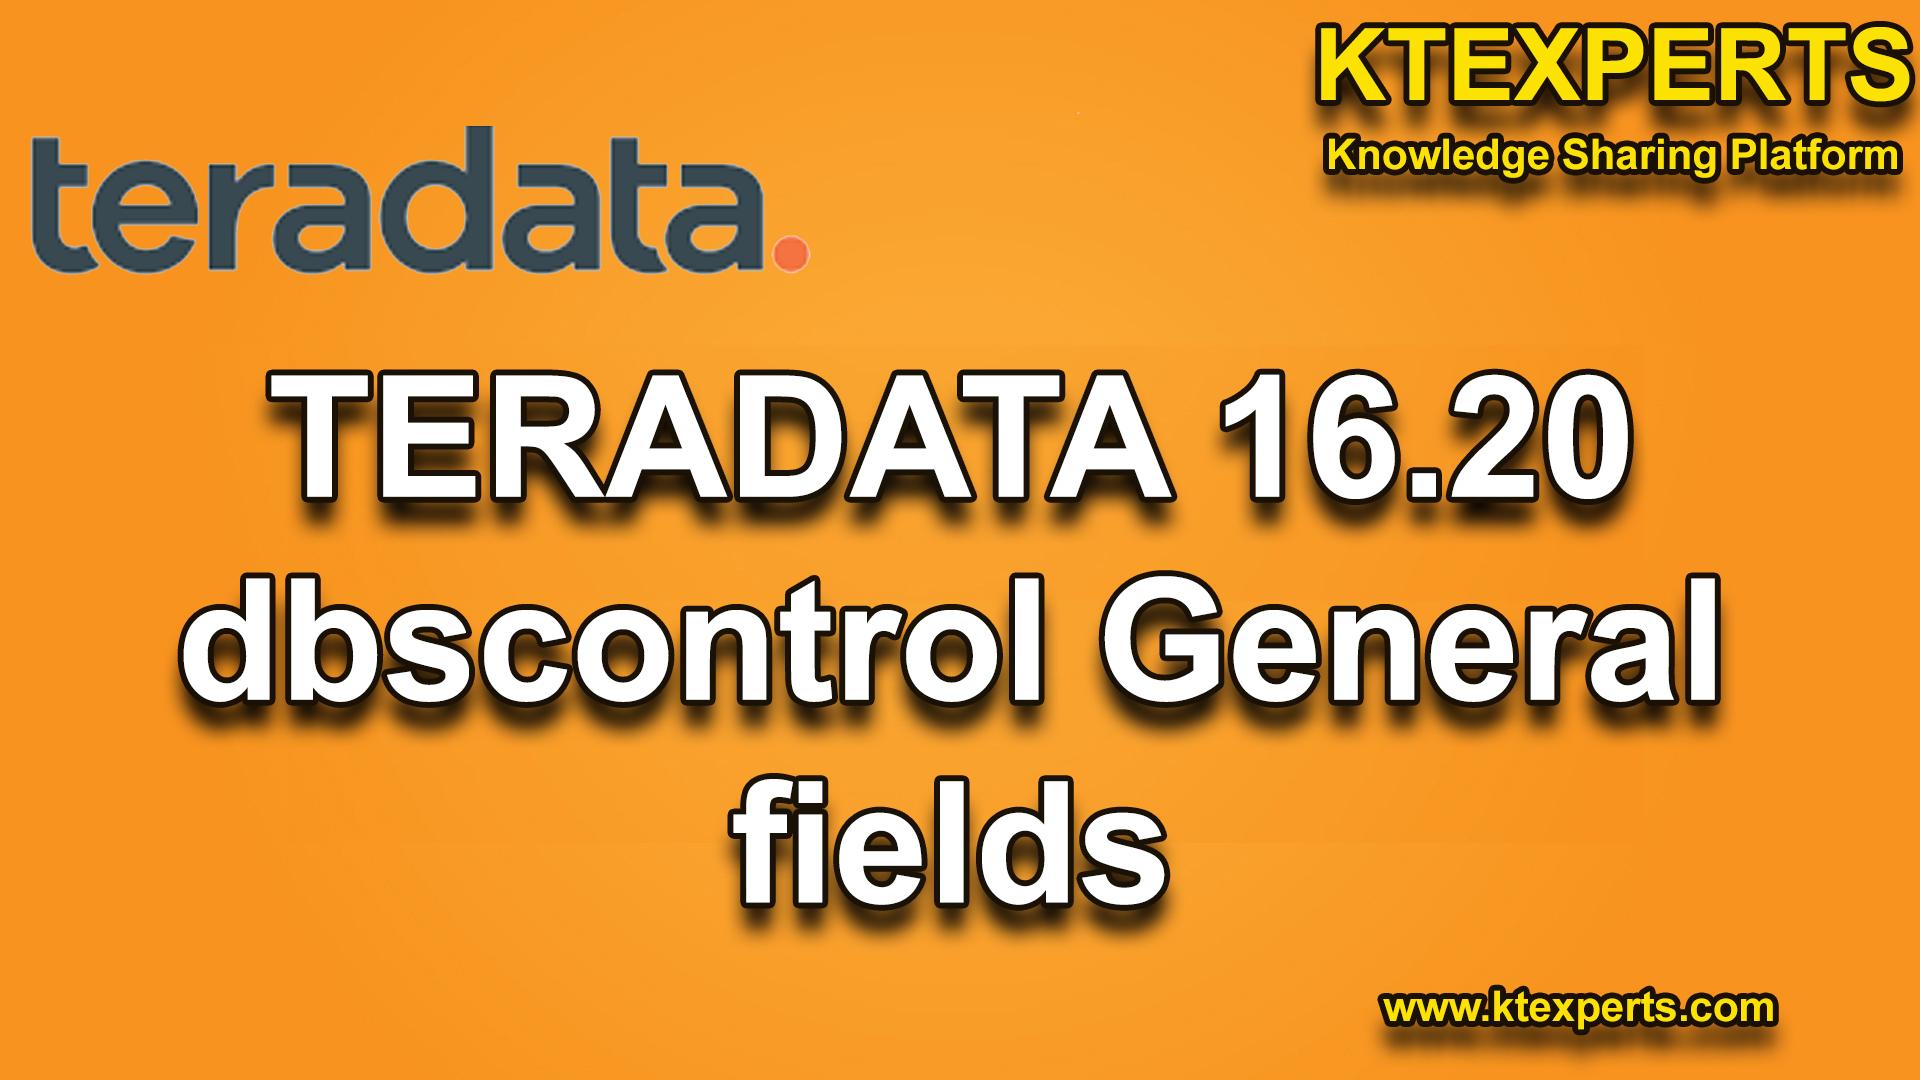 TERADATA 16.20 dbscontrol General fields